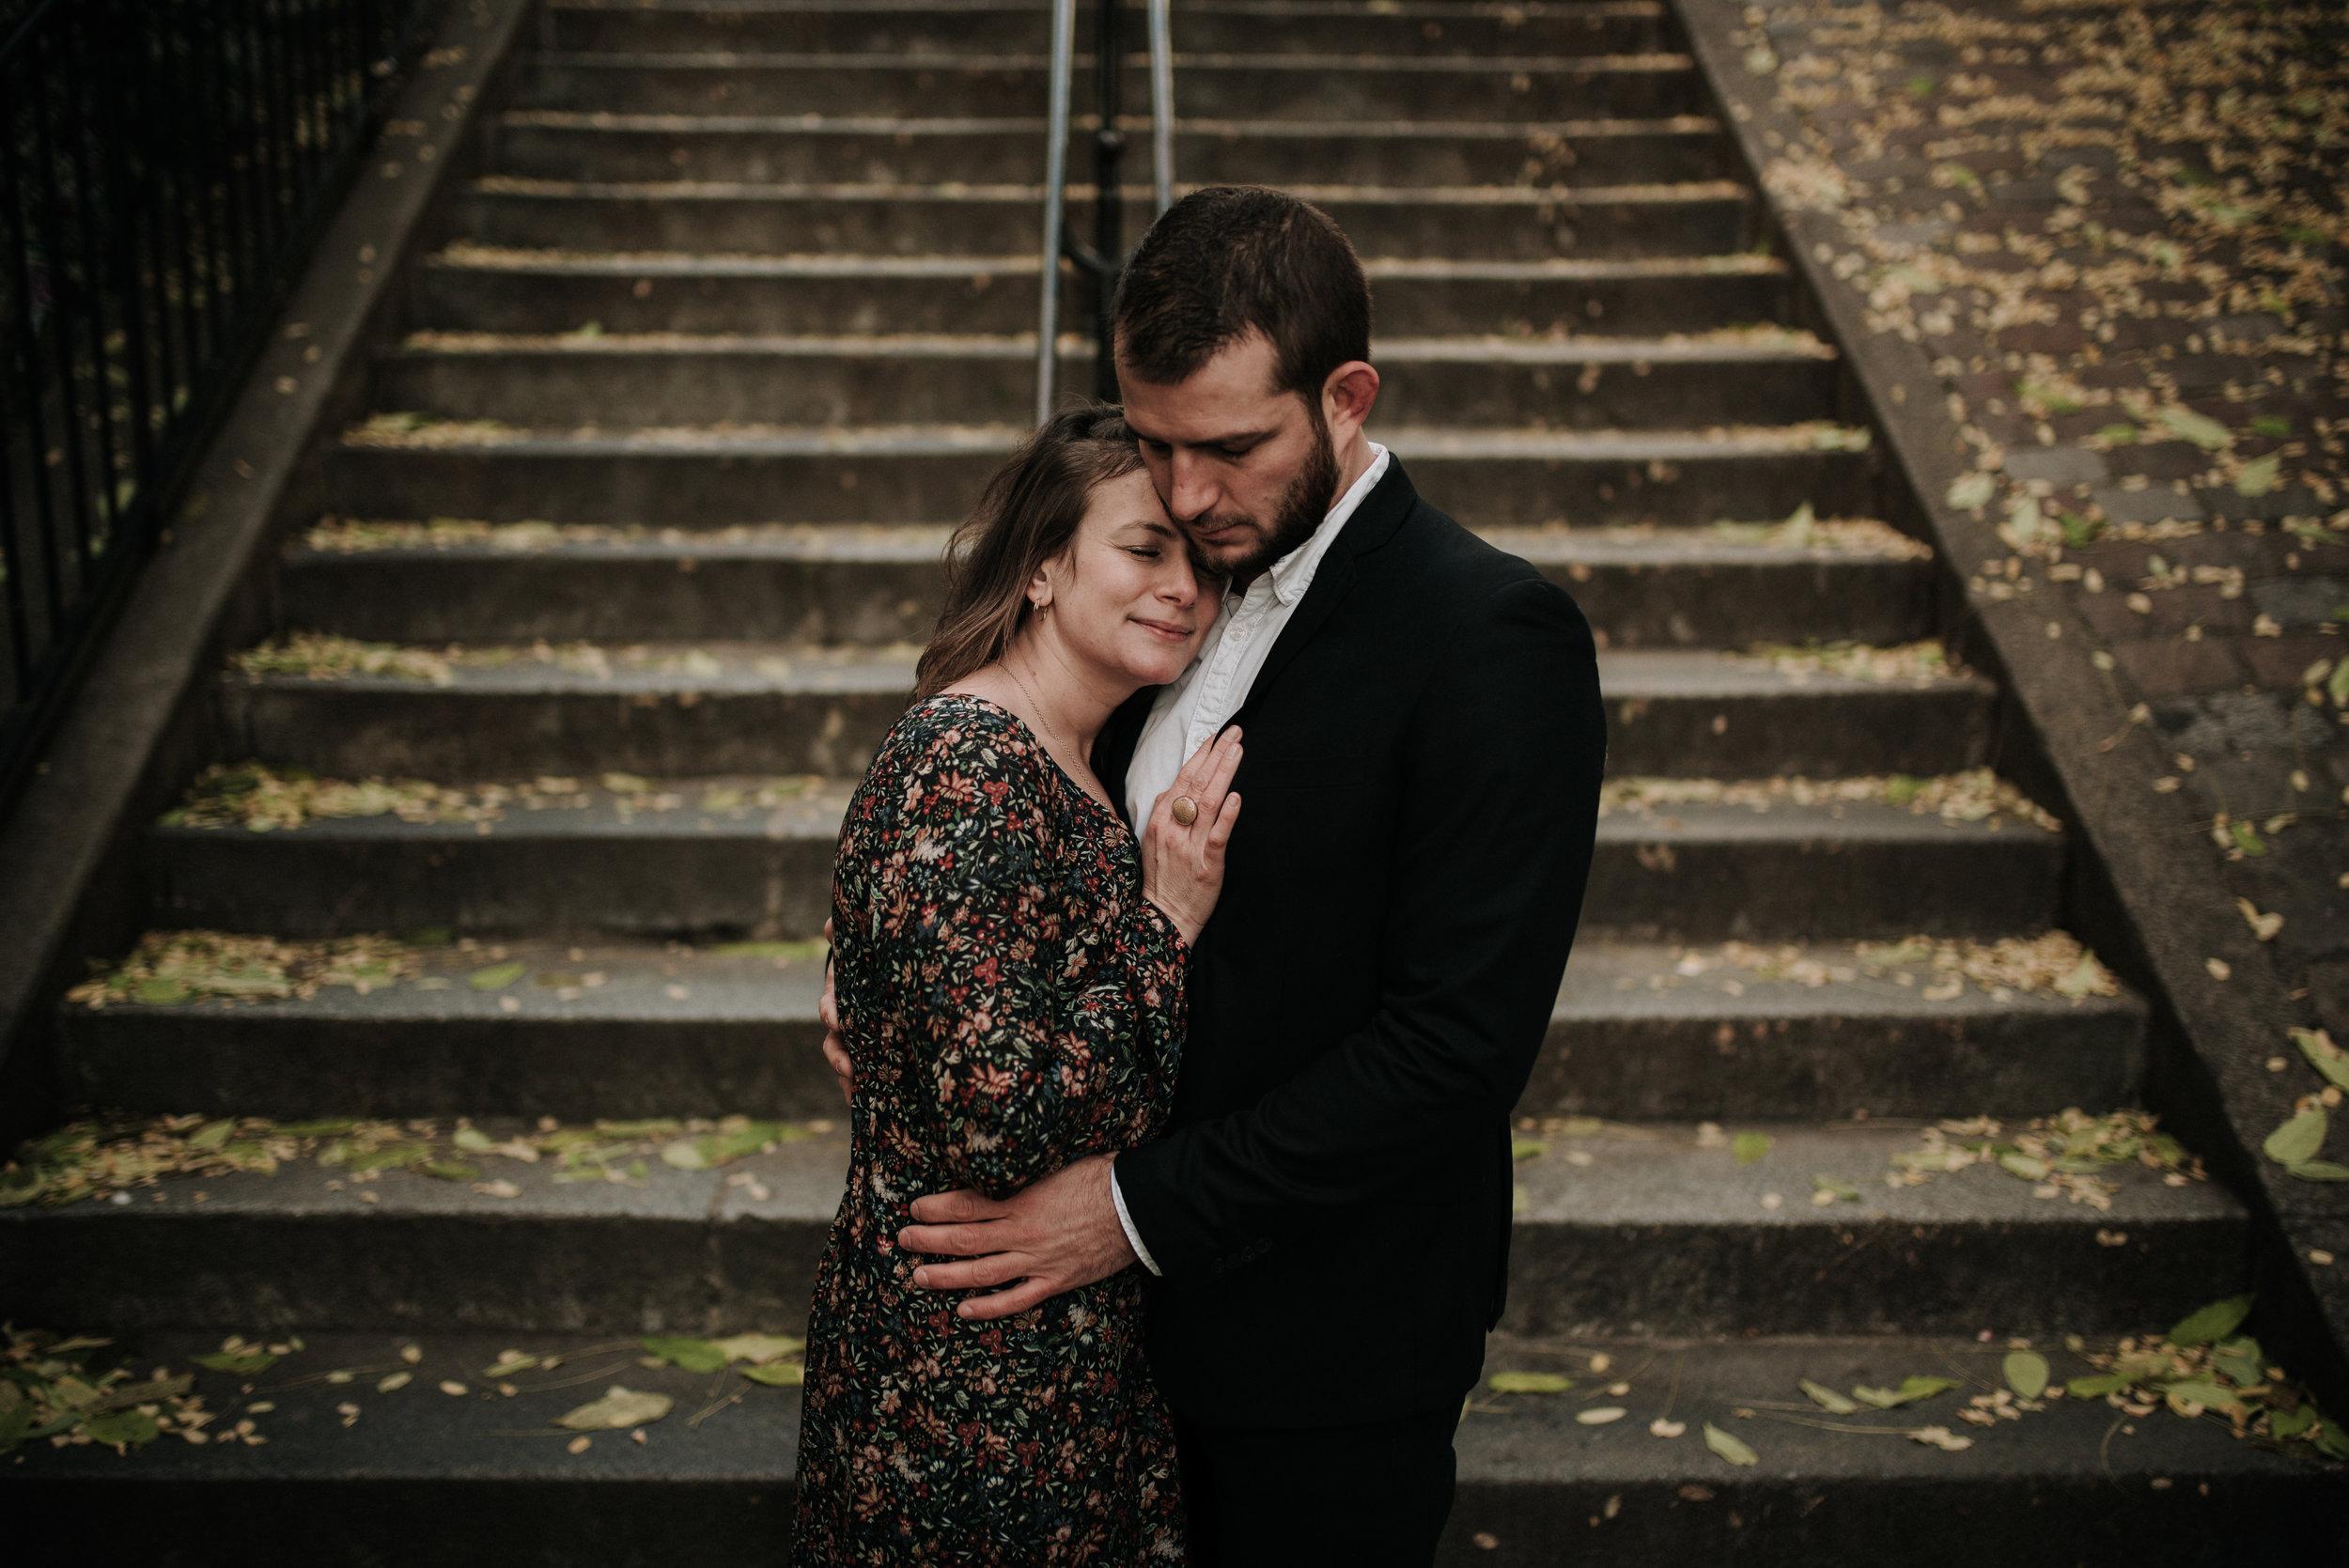 Léa-Fery-photographe-professionnel-lyon-rhone-alpes-portrait-creation-mariage-evenement-evenementiel-famille-5299.jpg